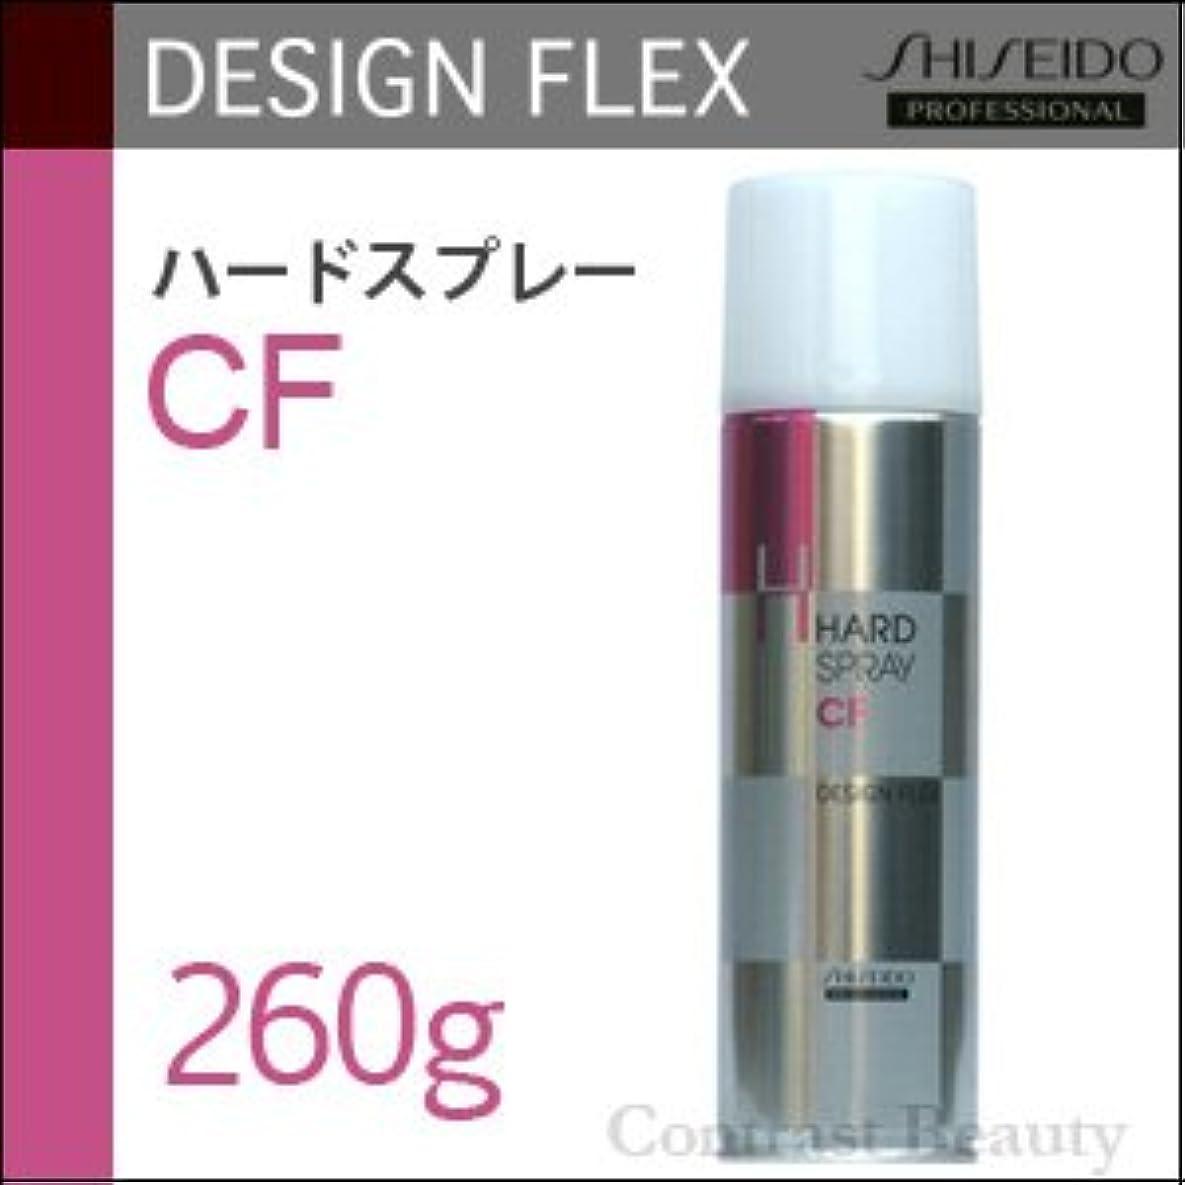 社員間違えた猛烈な【x2個セット】 資生堂 デザインフレックス ハードスプレーCF 260g